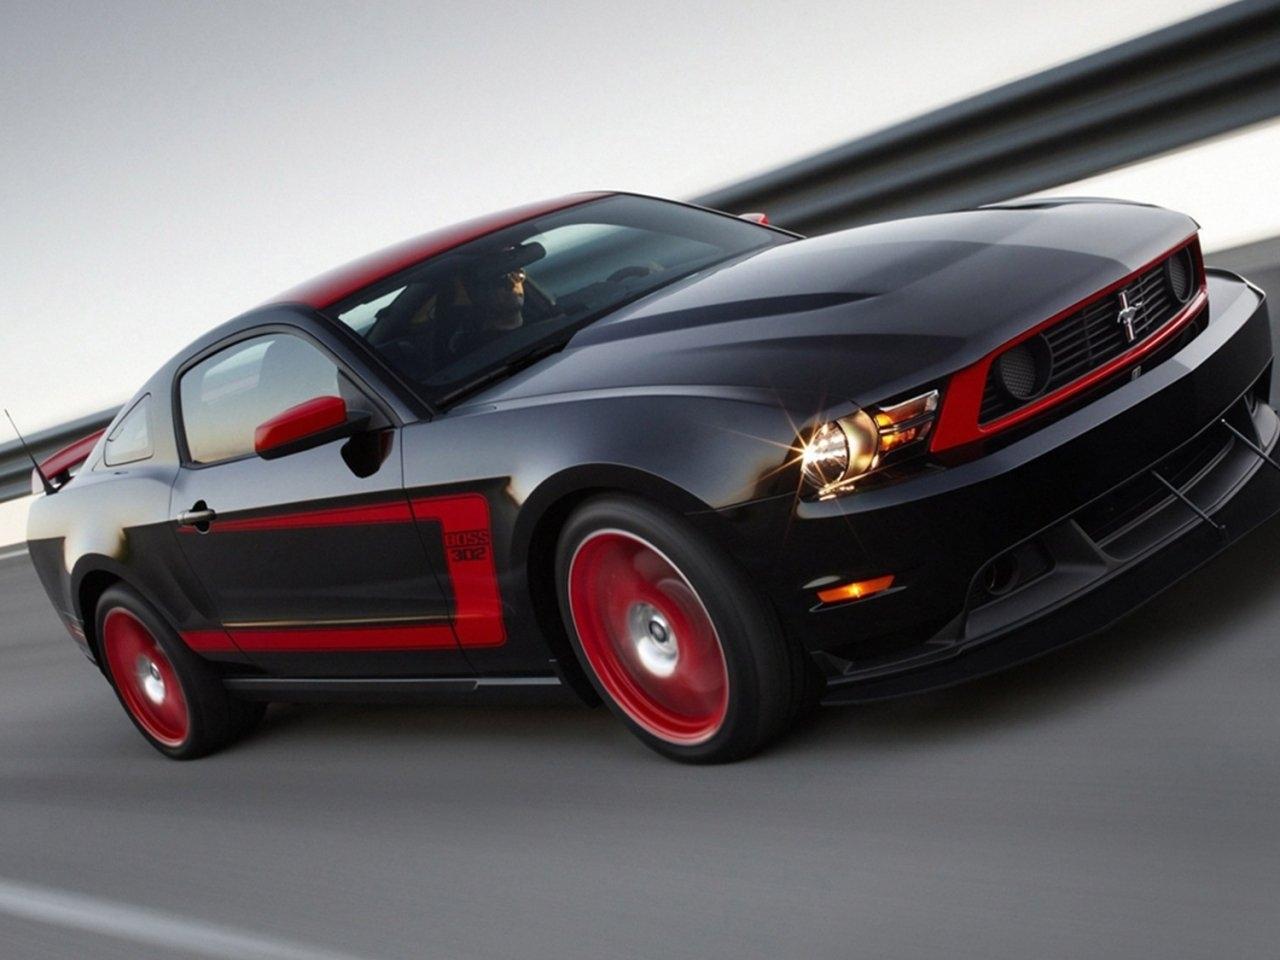 47043 скачать обои Транспорт, Машины, Форд (Ford), Мустанг (Mustang) - заставки и картинки бесплатно